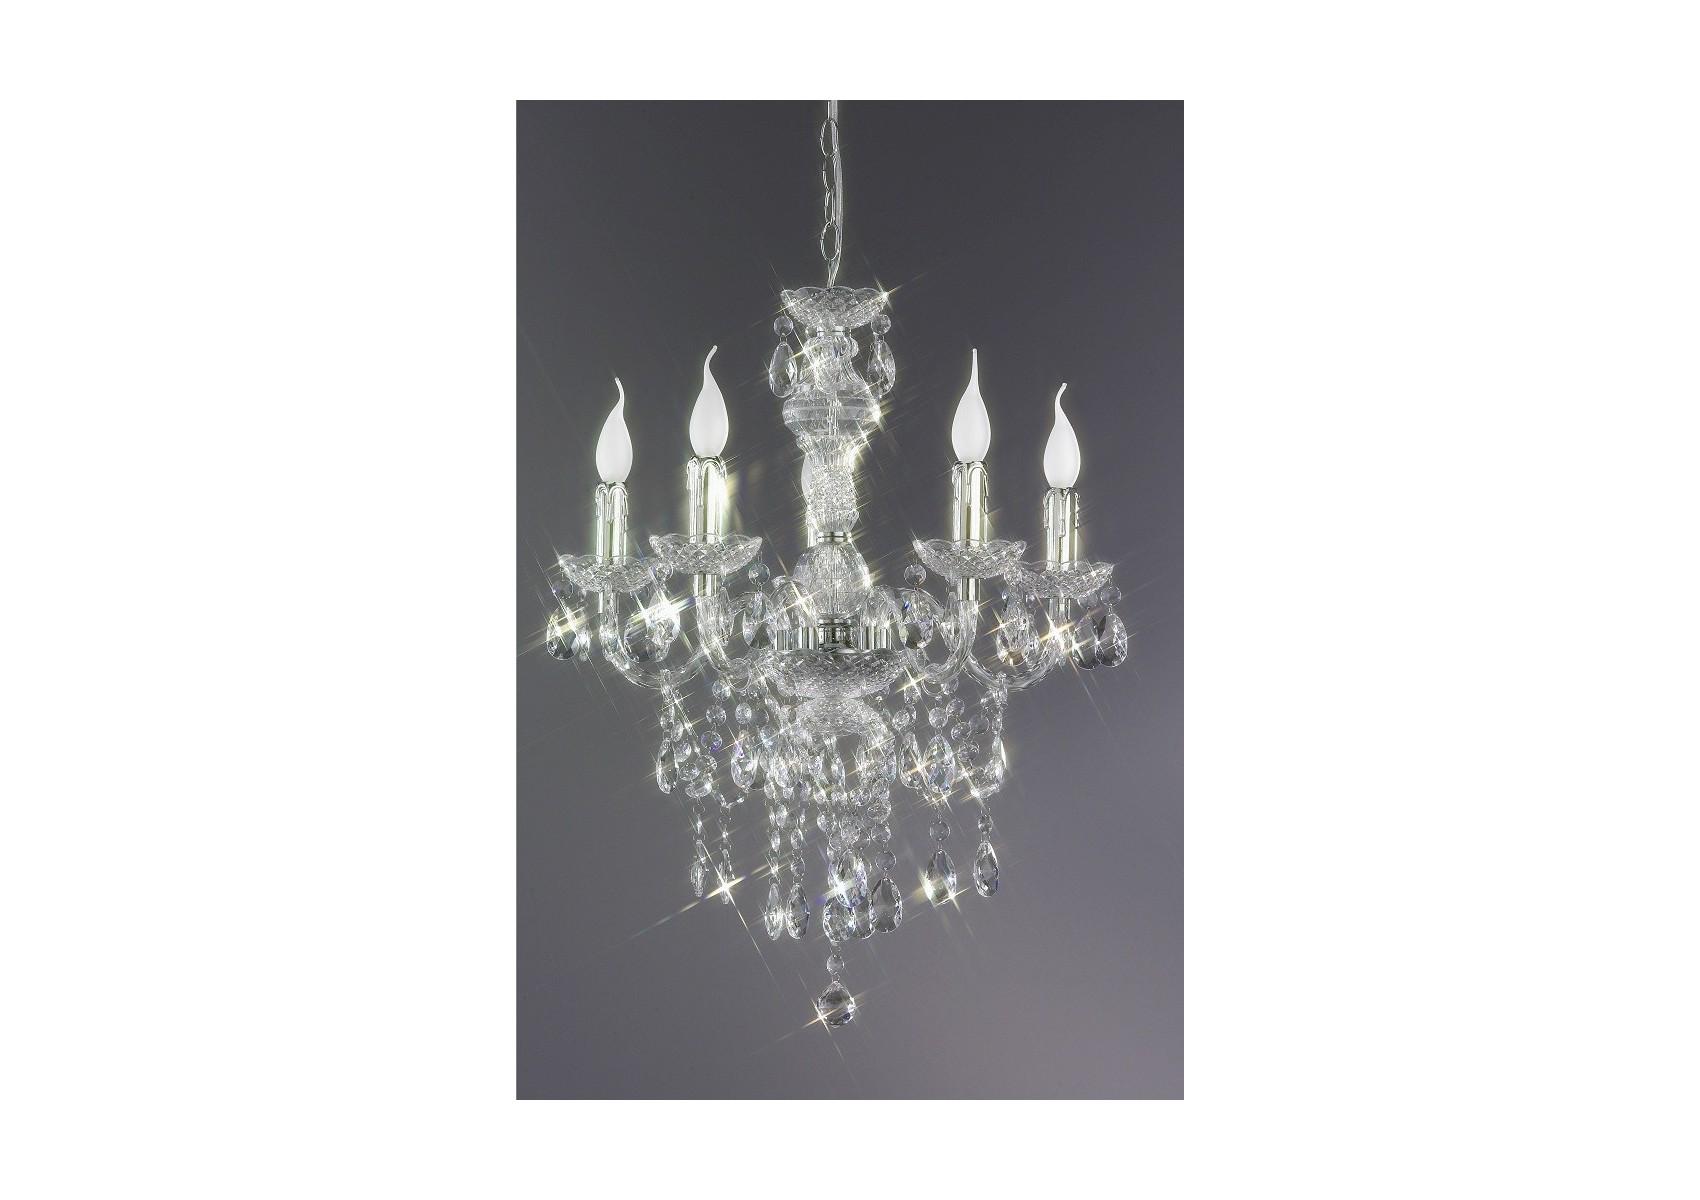 lustre baroque fashion designs. Black Bedroom Furniture Sets. Home Design Ideas